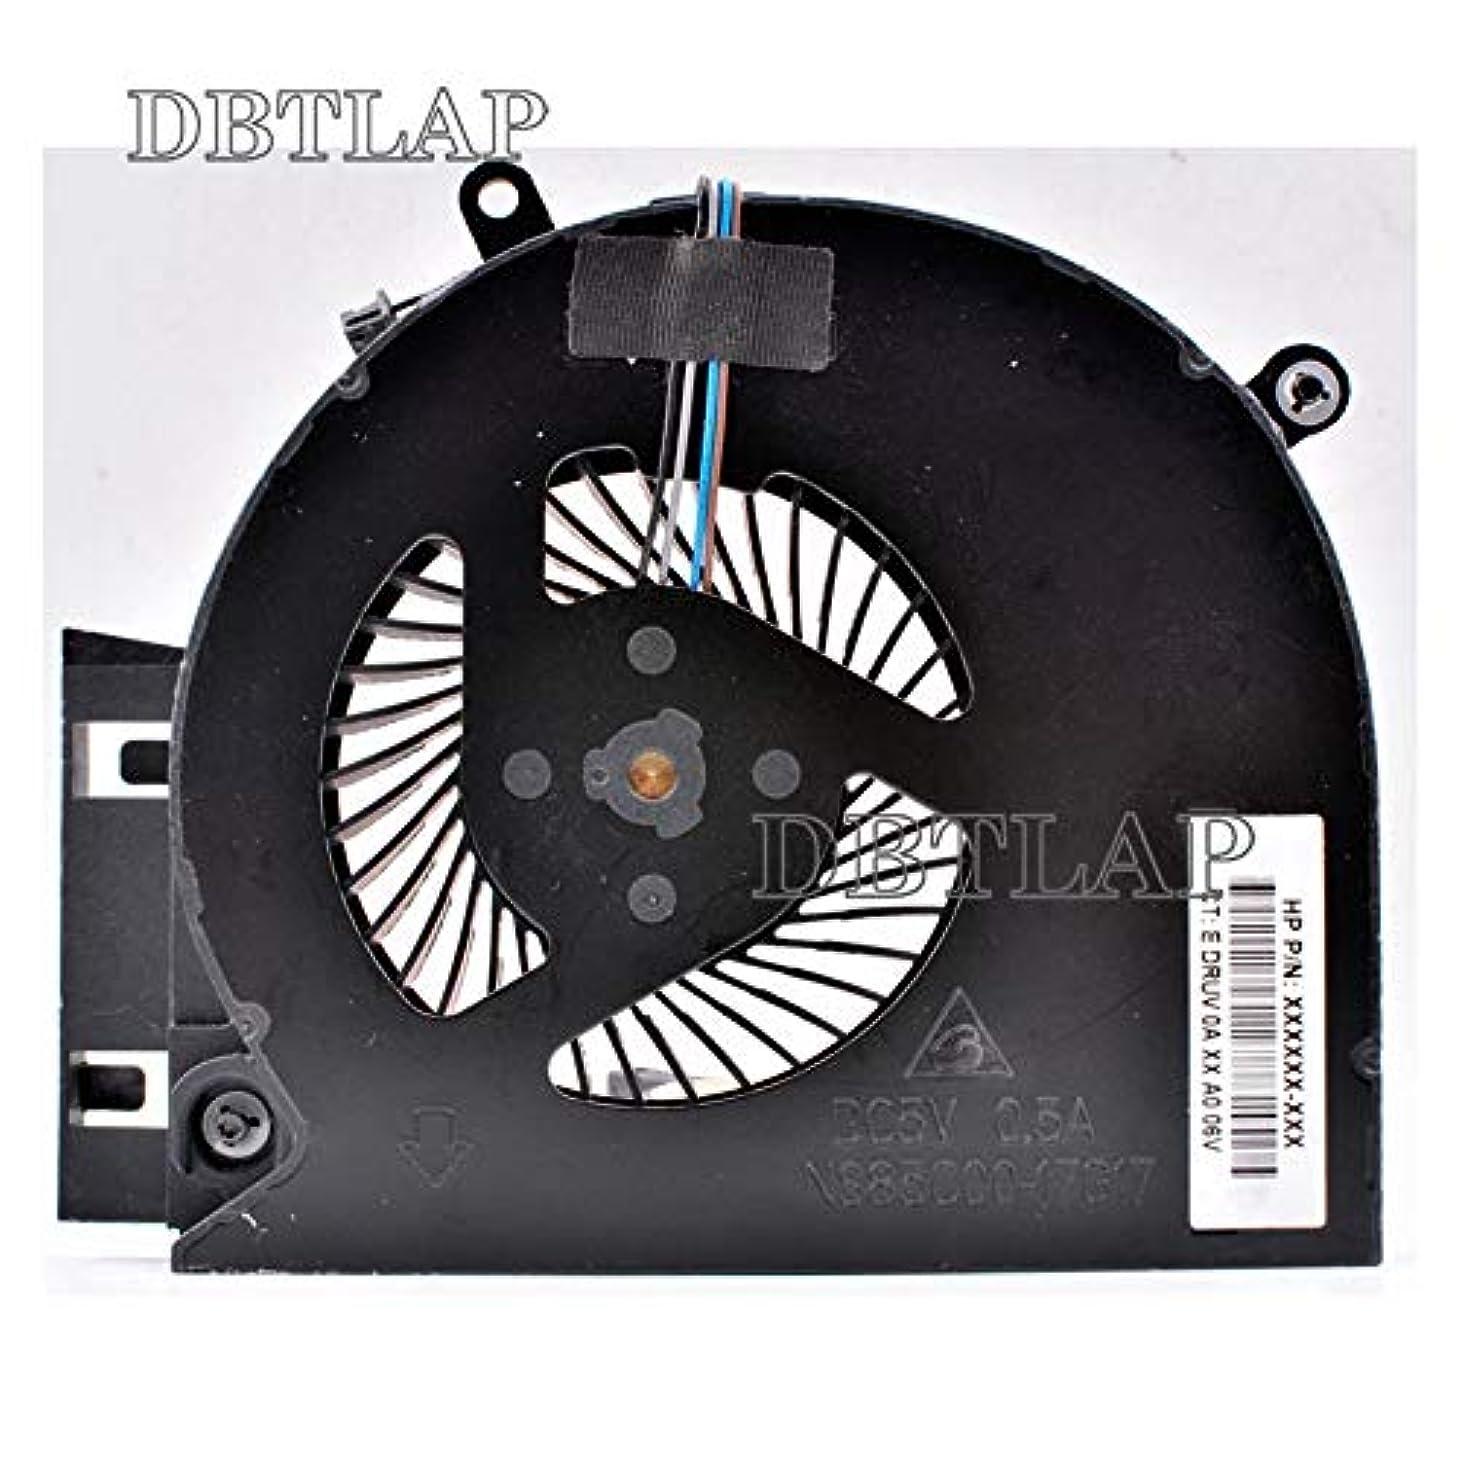 政治家調停するDBTLAP ファン と互換性があります Delta NS85C00-17G17 NS85C00-17G17 DC5V 0.50A ラップトップ CPU 冷却ファン